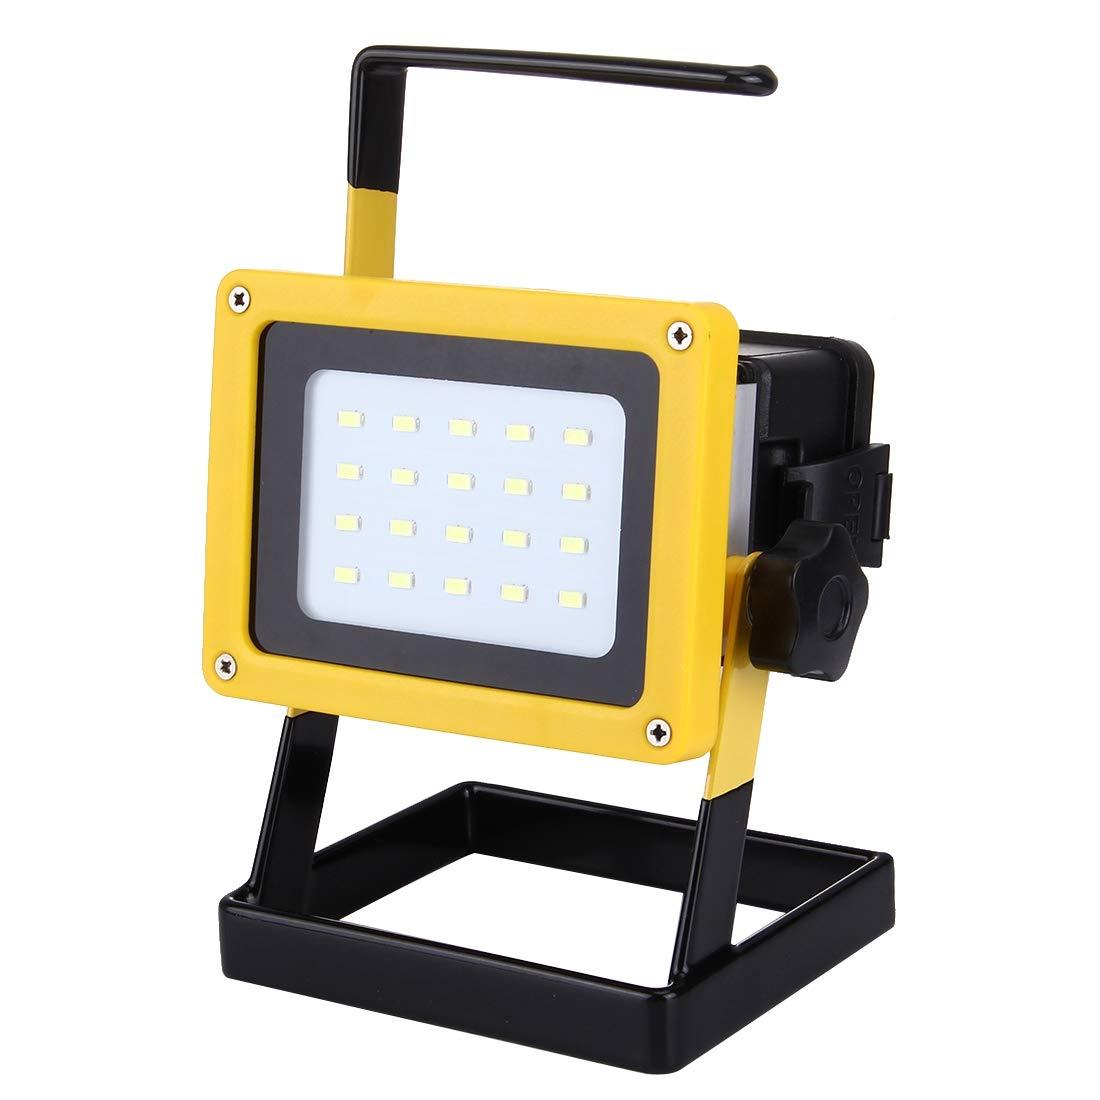 Watemall Led Light GuoBo LED Light 35W 2640LM High Power Handheld LED Auxiliary Light, 20 LED 3ATM Waterproof Portable, 110-240V(White Light)